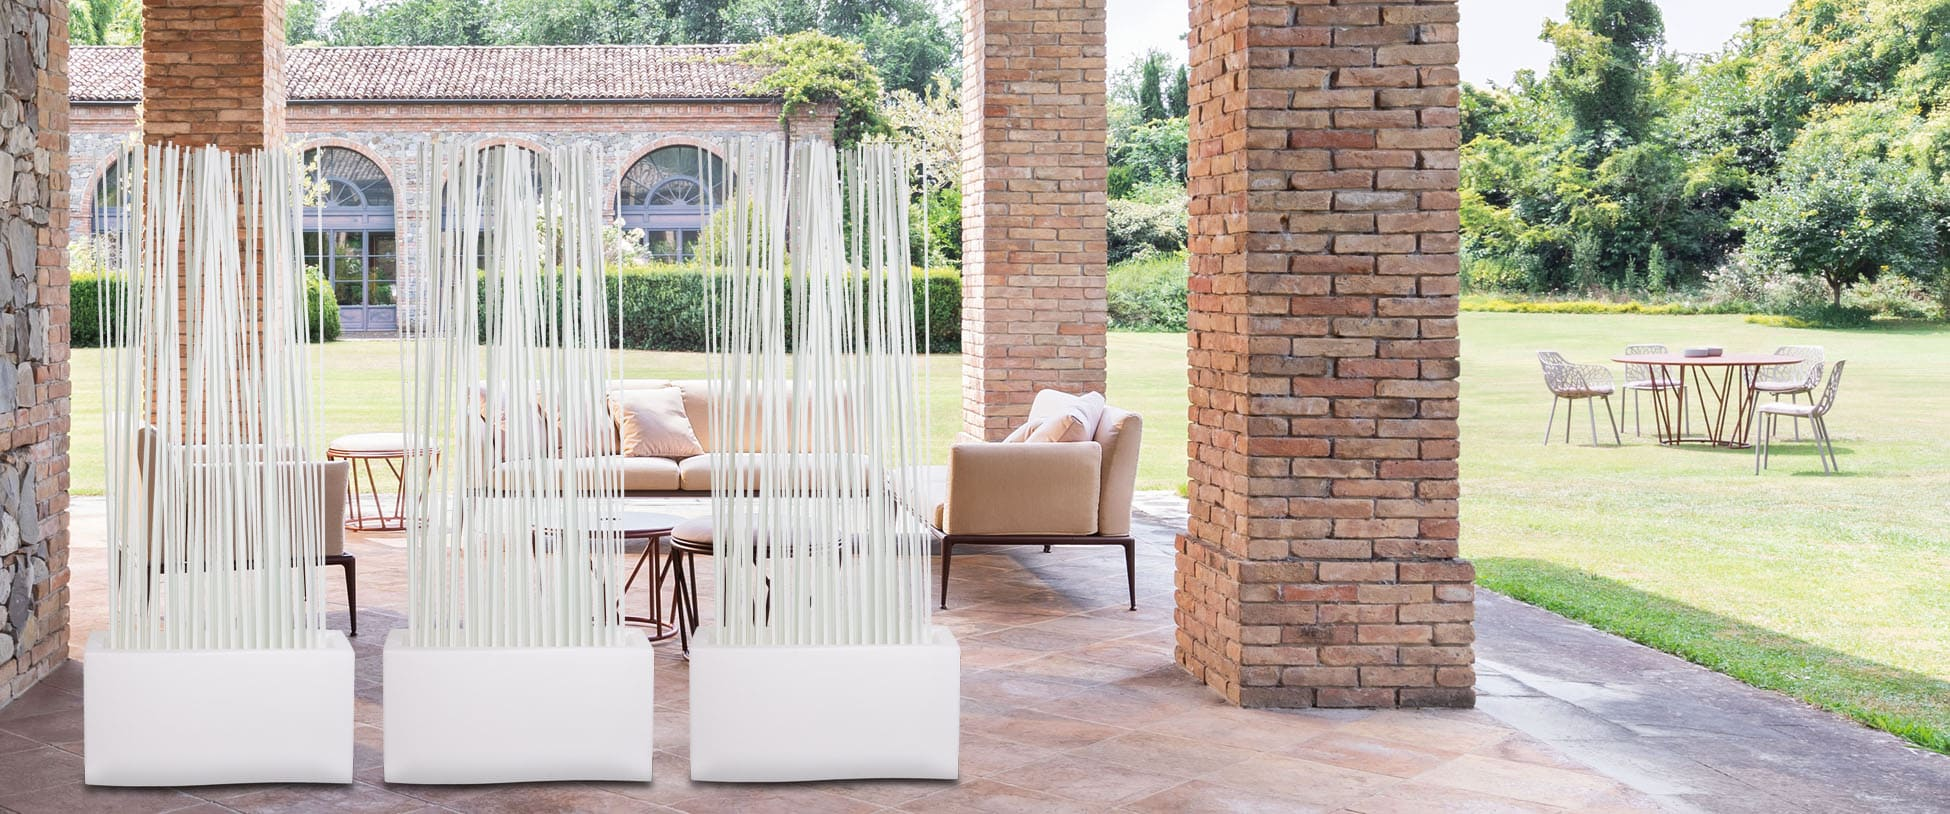 Terrassenabtrennung Sichtschutz Fur Balkon Und Terrasse Raumteiler